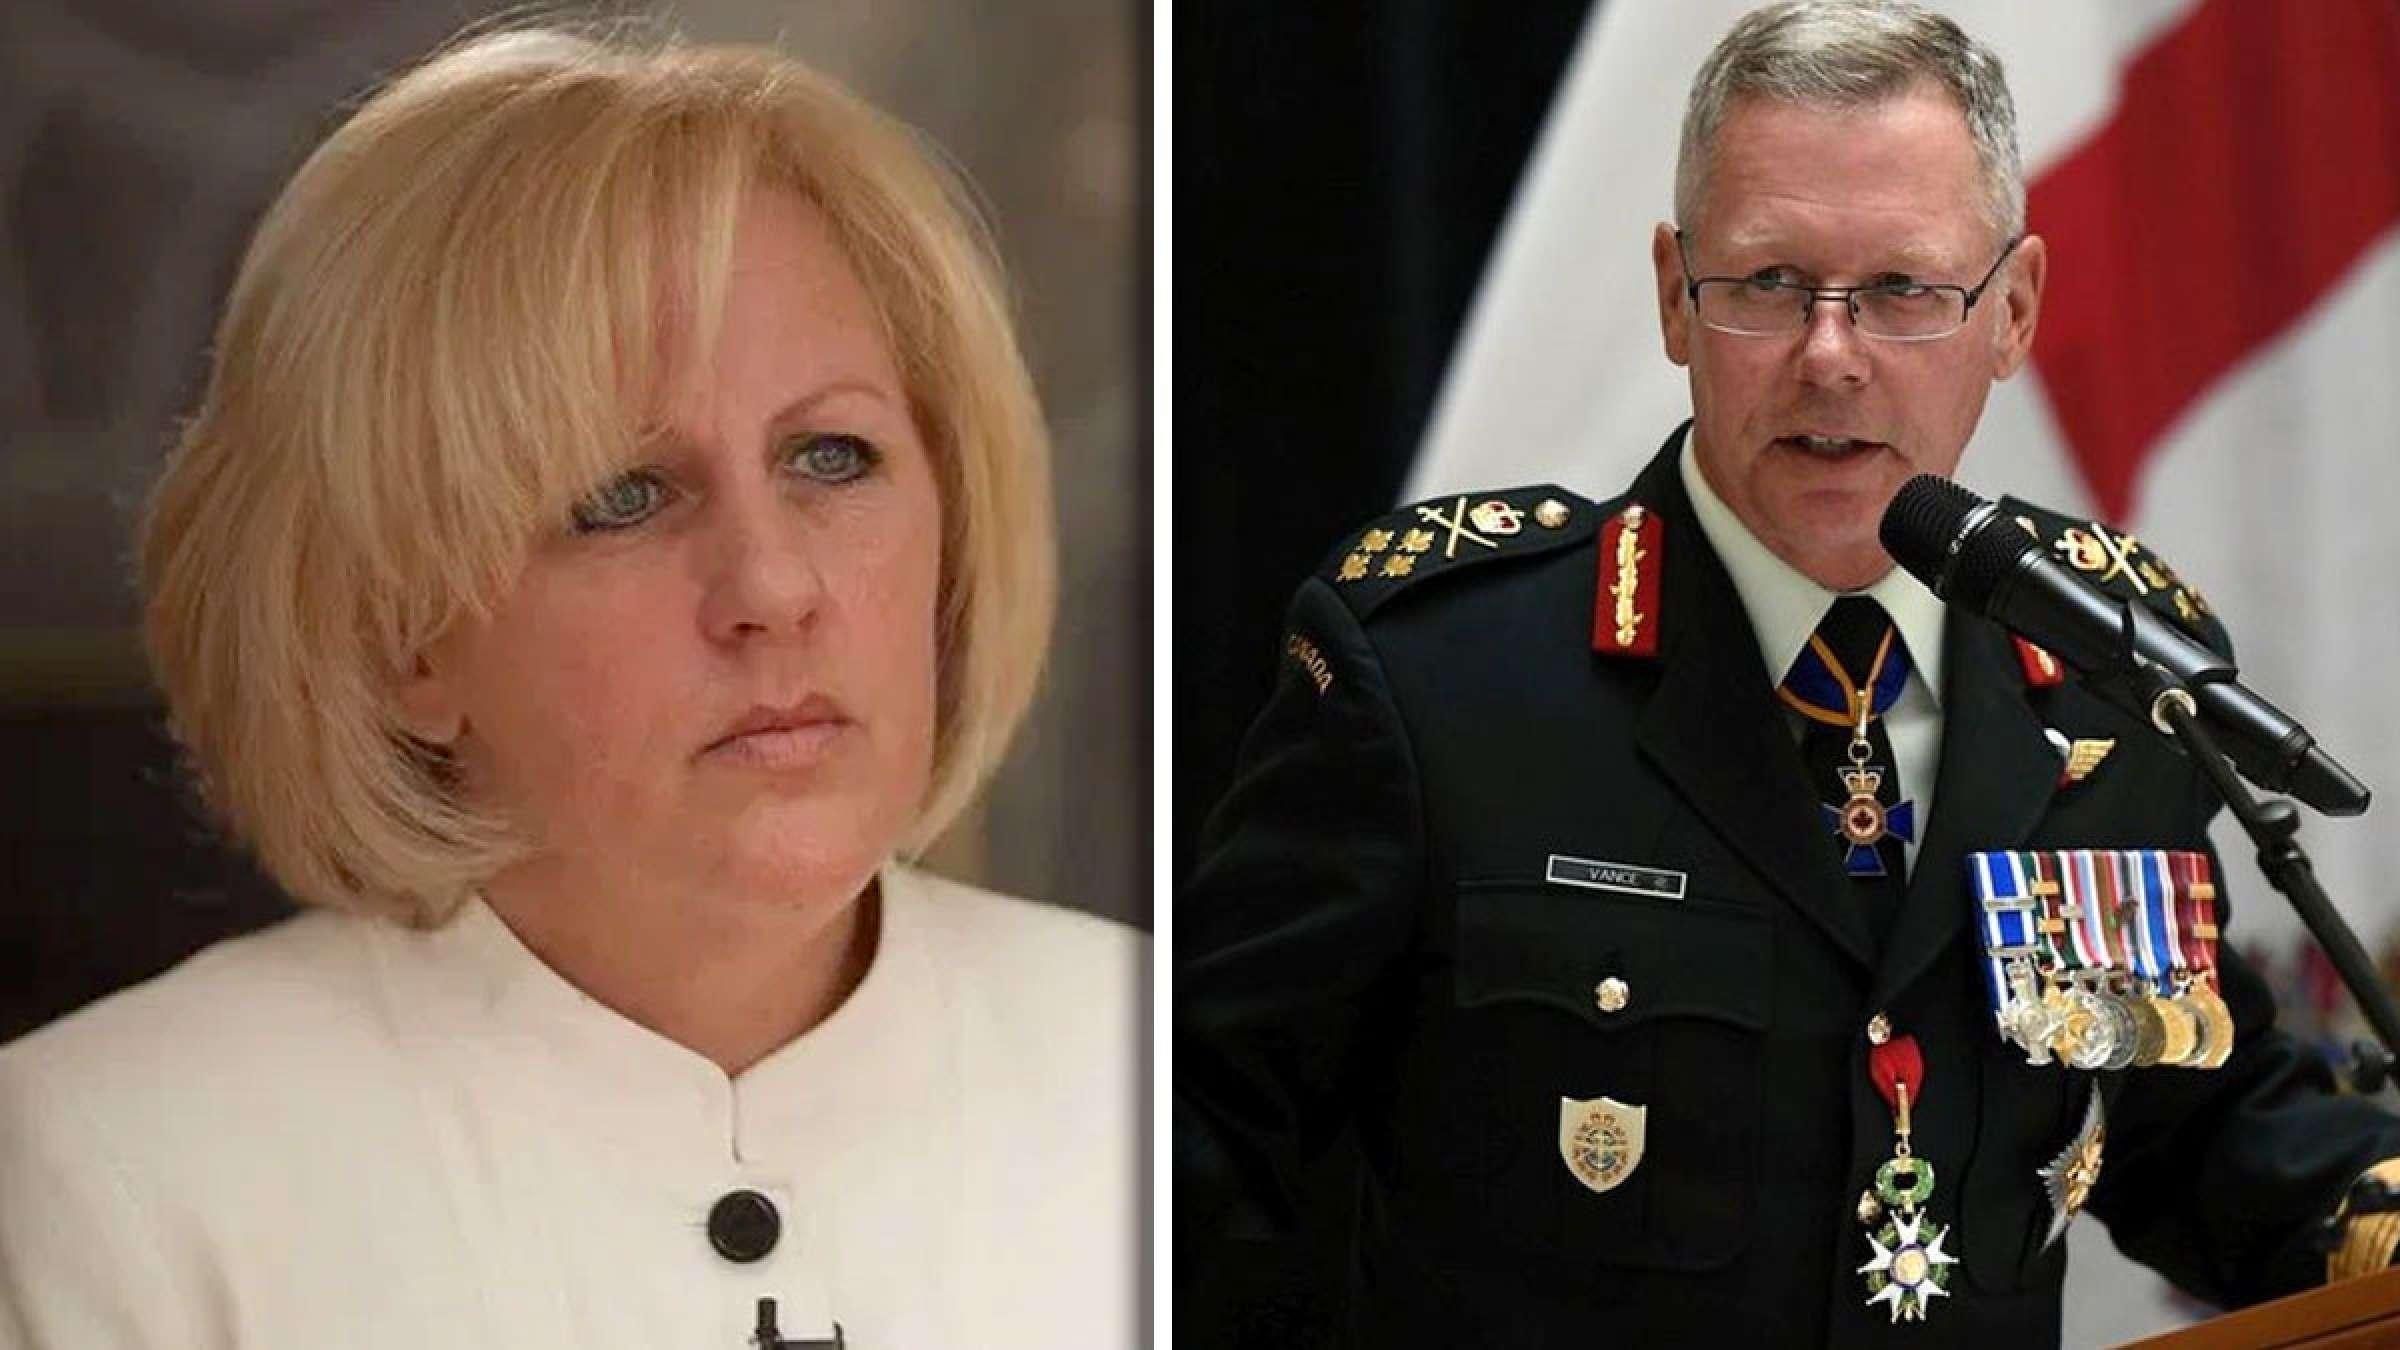 اخبار-کانادا-۸۰۲-تجاوز-حمله-آزار-اذیت-جنسی-۵-سال-ارتش-فرمانده-کل-مسلح